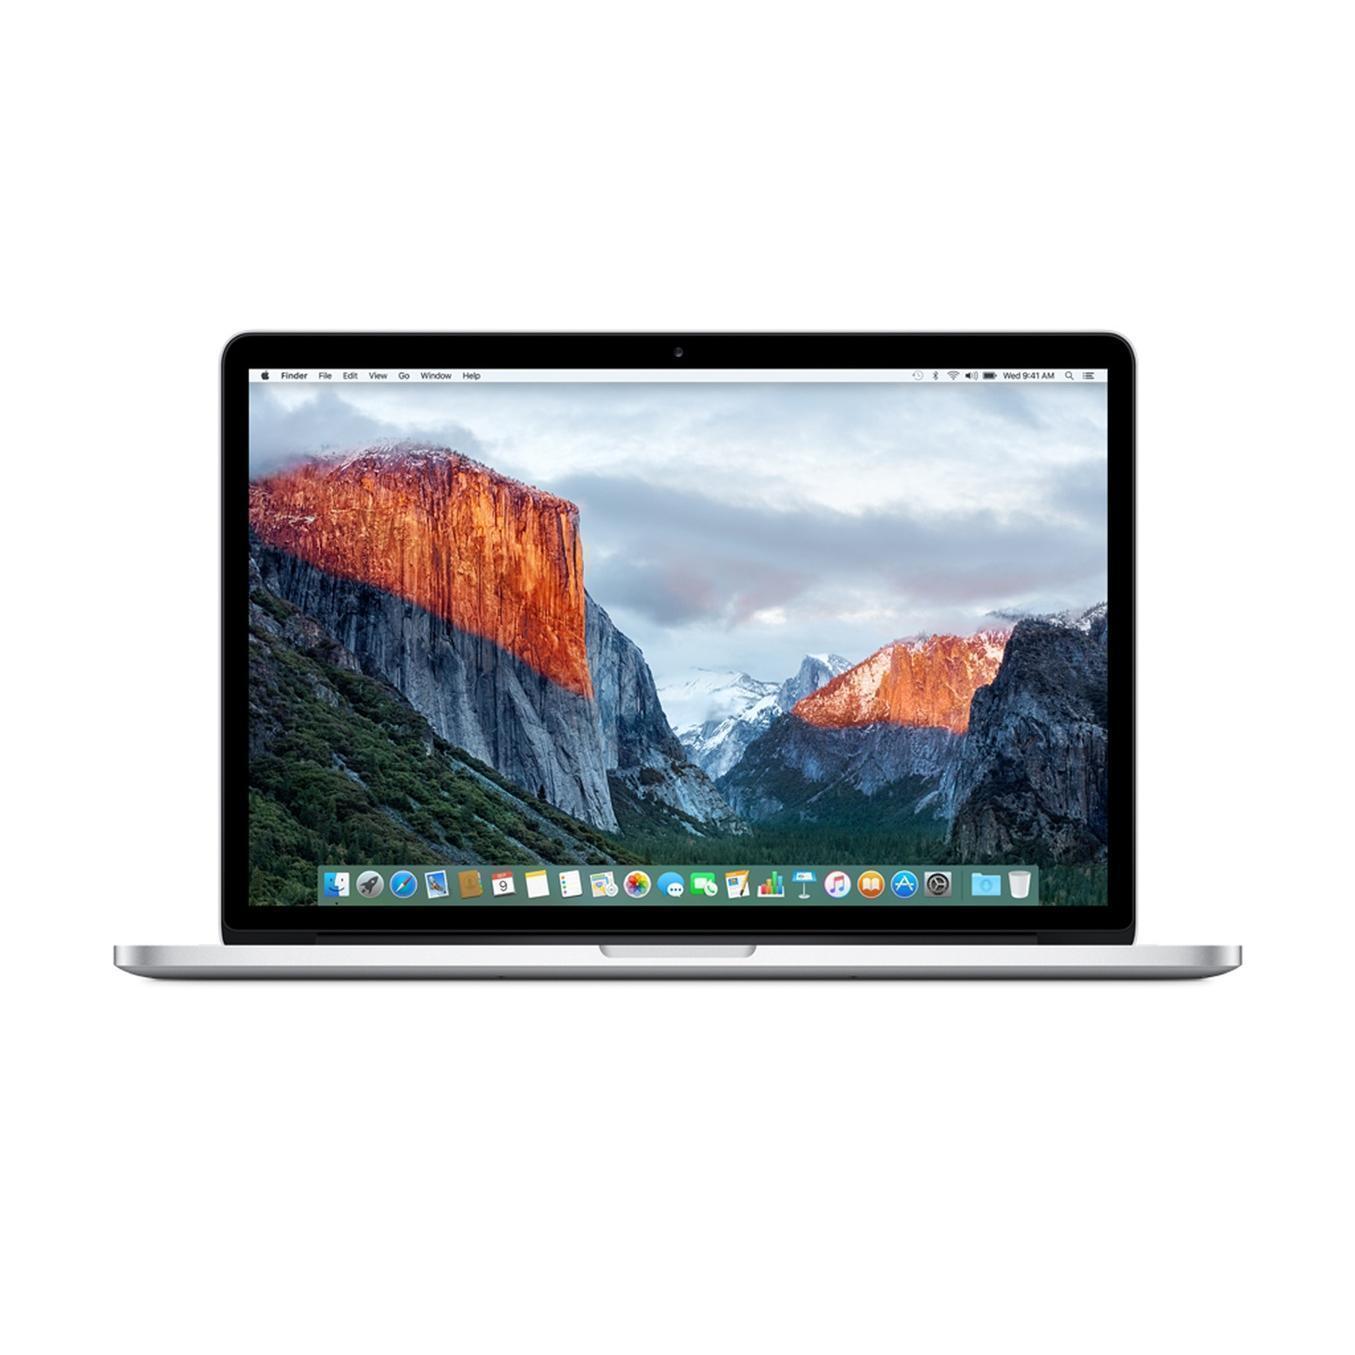 MacBook Pro Retina 15,4-tum (2015) - Core i7 - 16GB - SSD 512 GB QWERTZ - Tyska